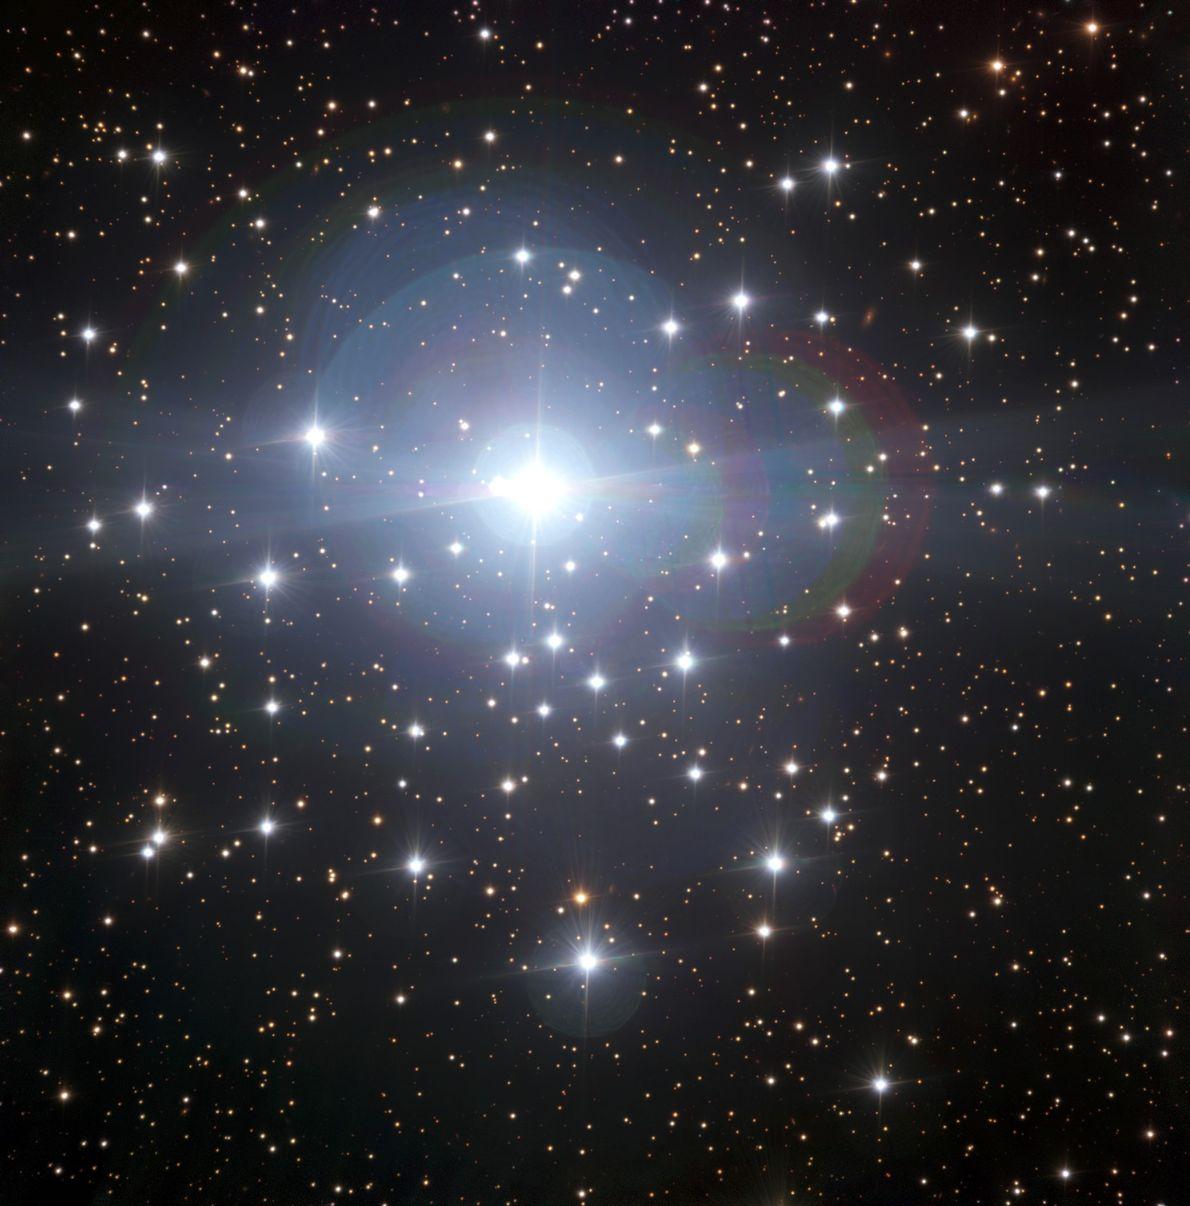 Diese Aufnahme des gewaltigen Sternsystem Tau Canis Majoris wurde von der Europäischen Südsternwarte vor Kurzem zum ...